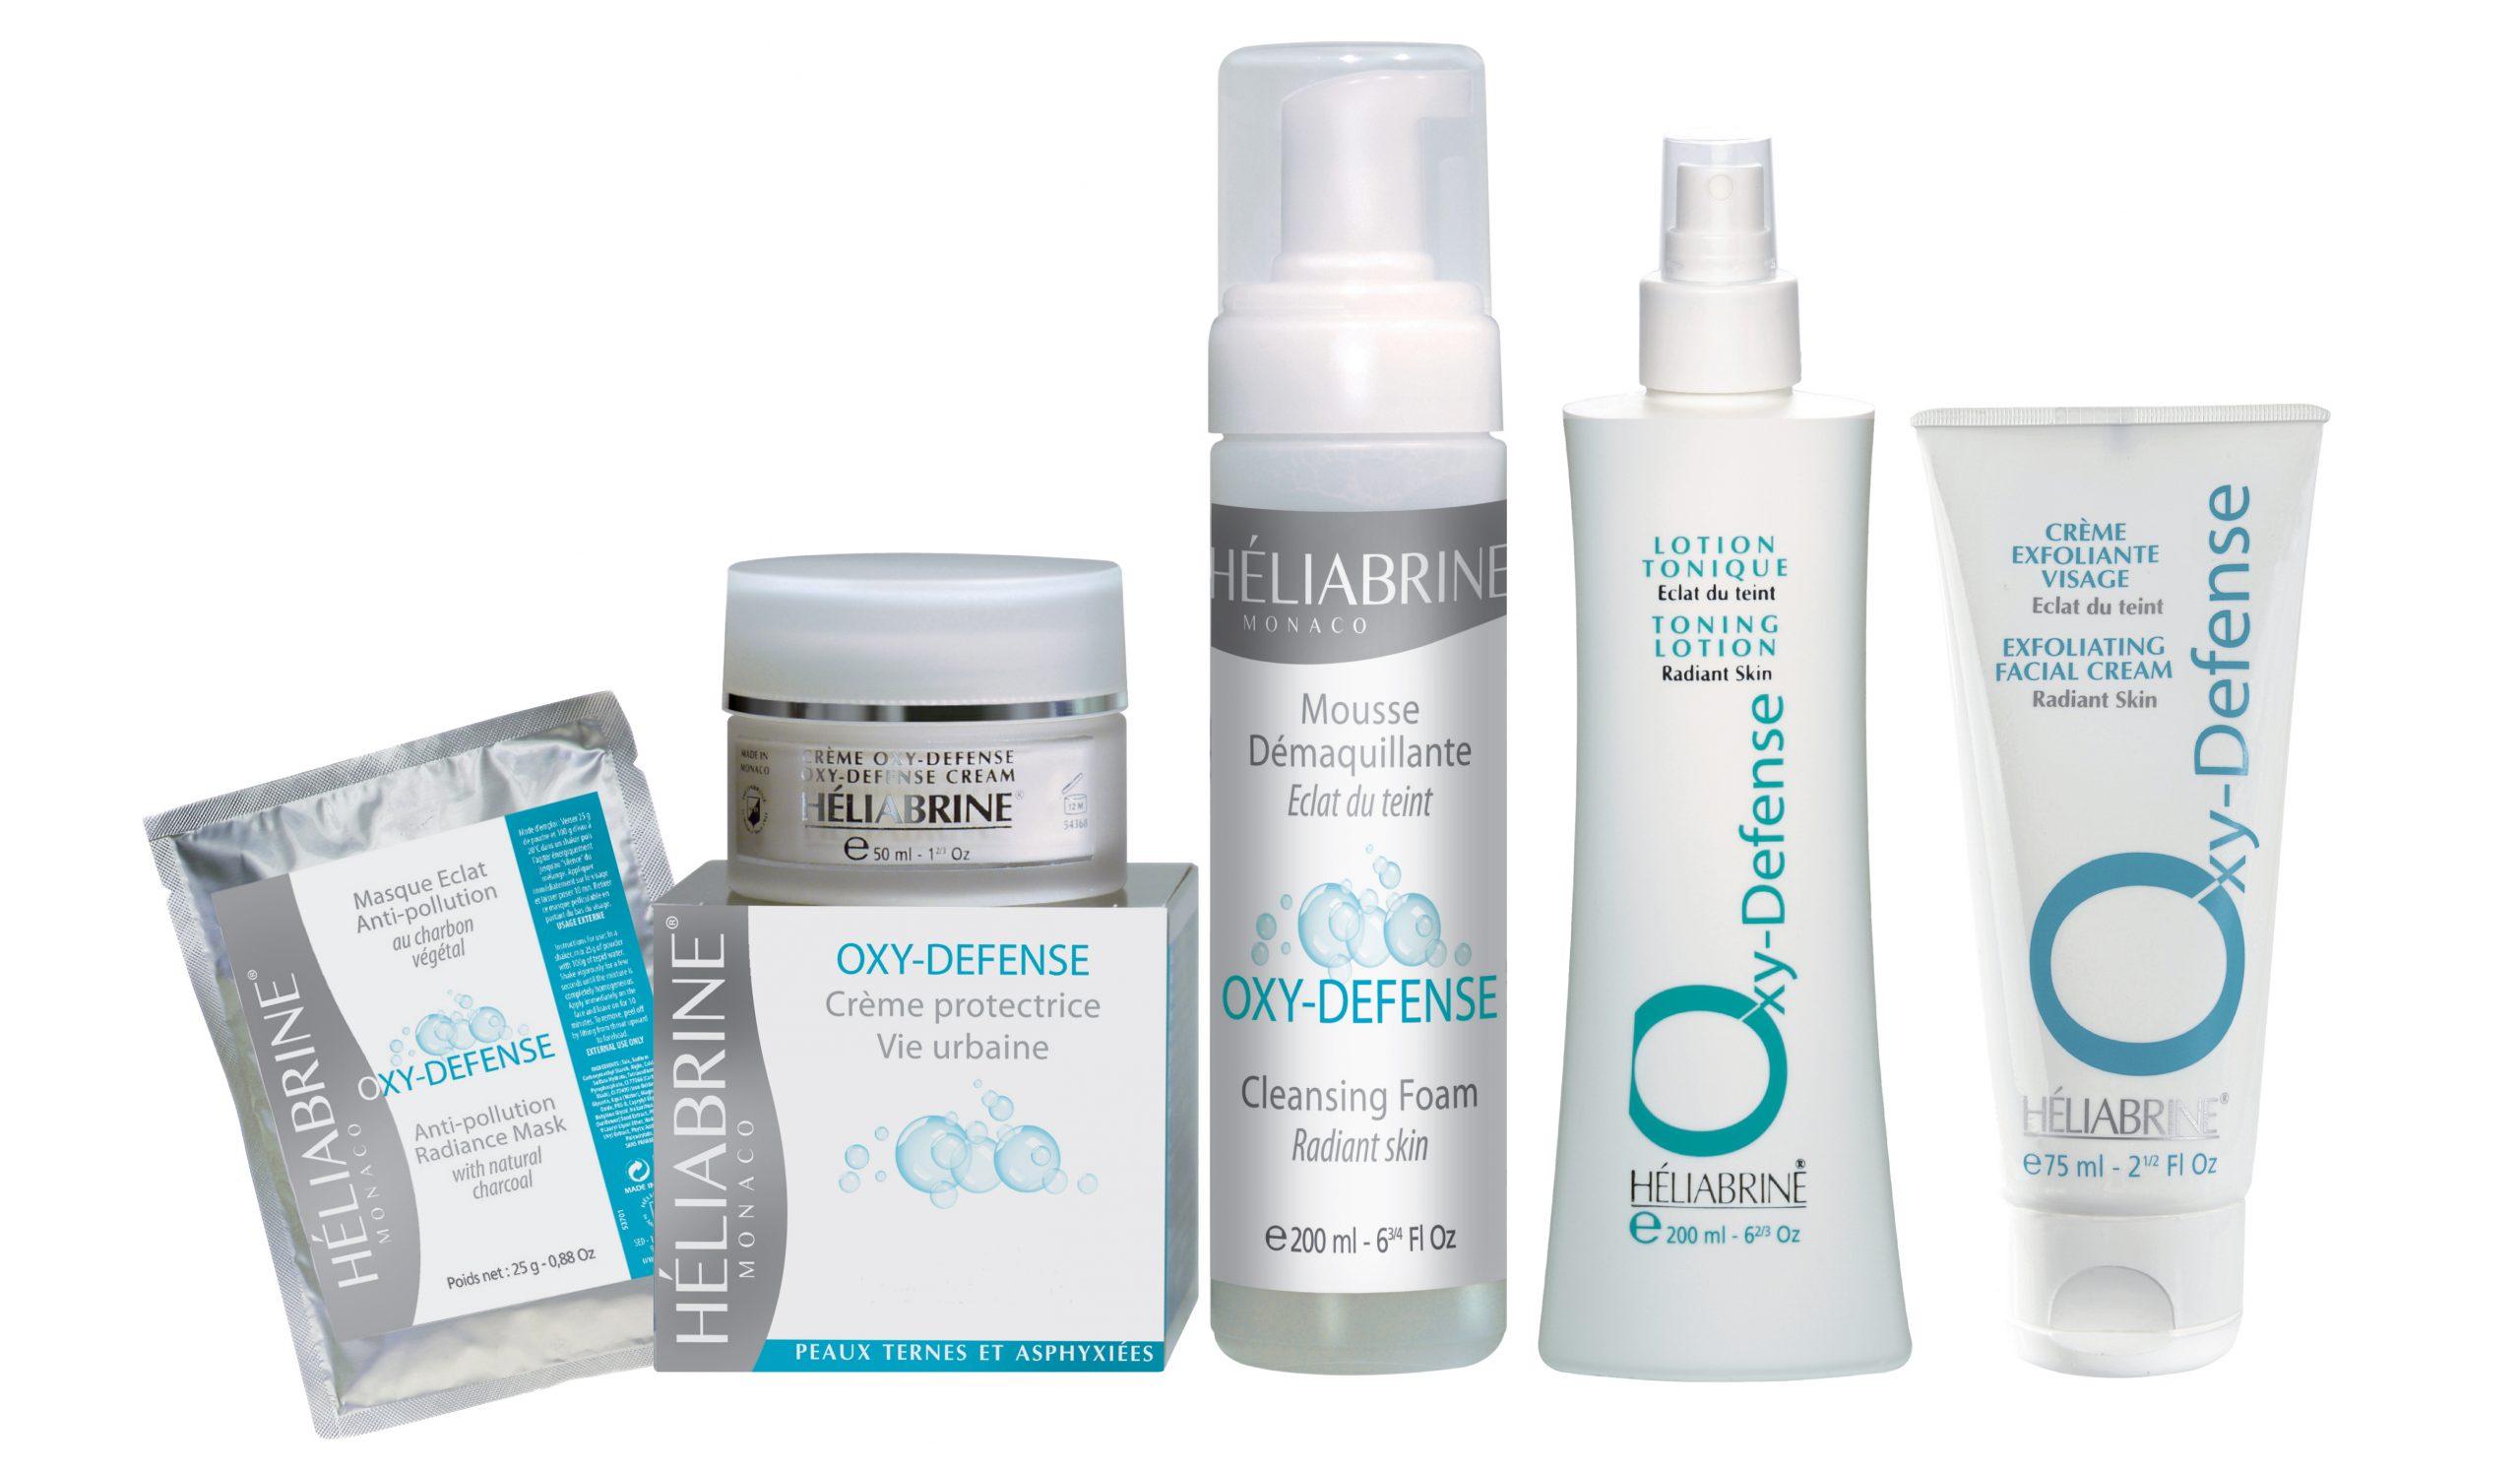 HELIABRINE Oxy-Defense Urban Living Facial Care